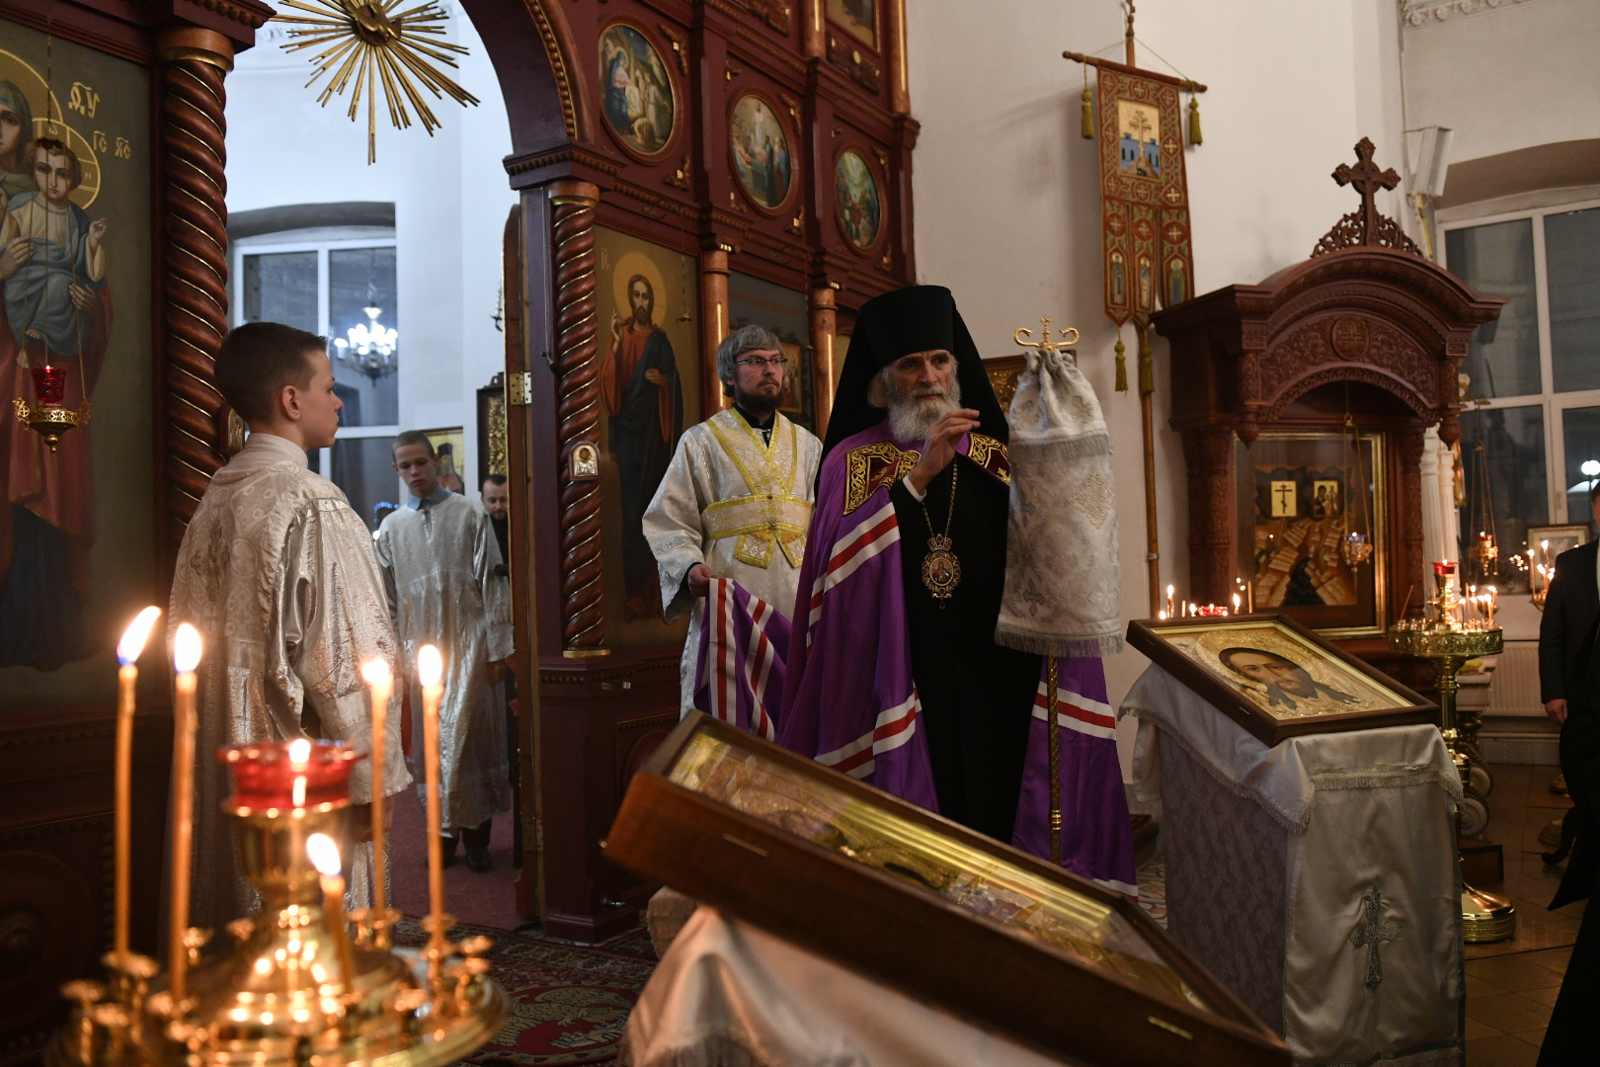 Игорь Руденя встретил Рождество вместе с прихожанами кафедрального собора в Ржеве